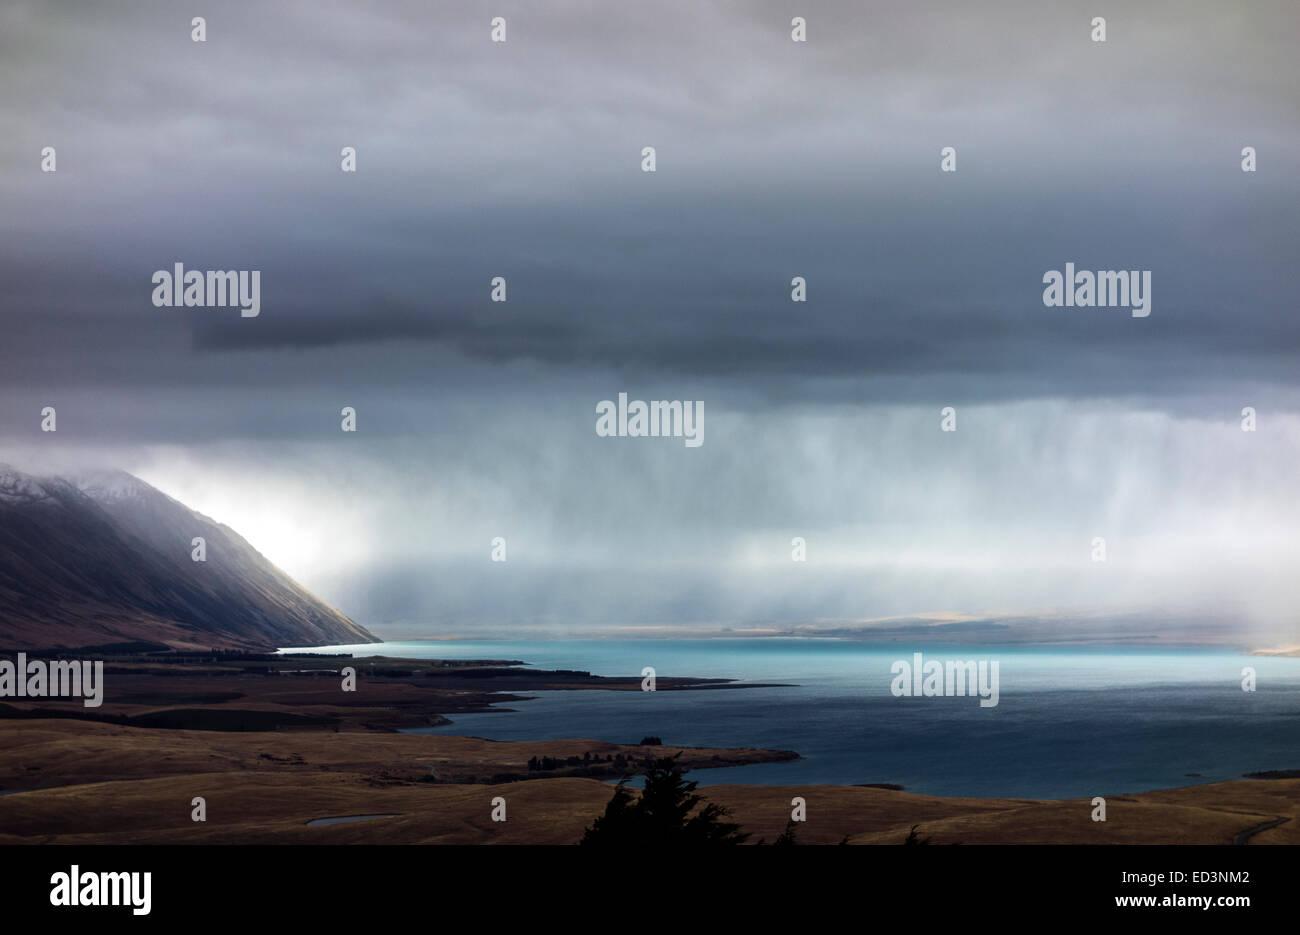 Le lac Tekapo sommaire par mauvais temps, summer rain storm. Vue panoramique du Mont John Université Observatoire. Photo Stock